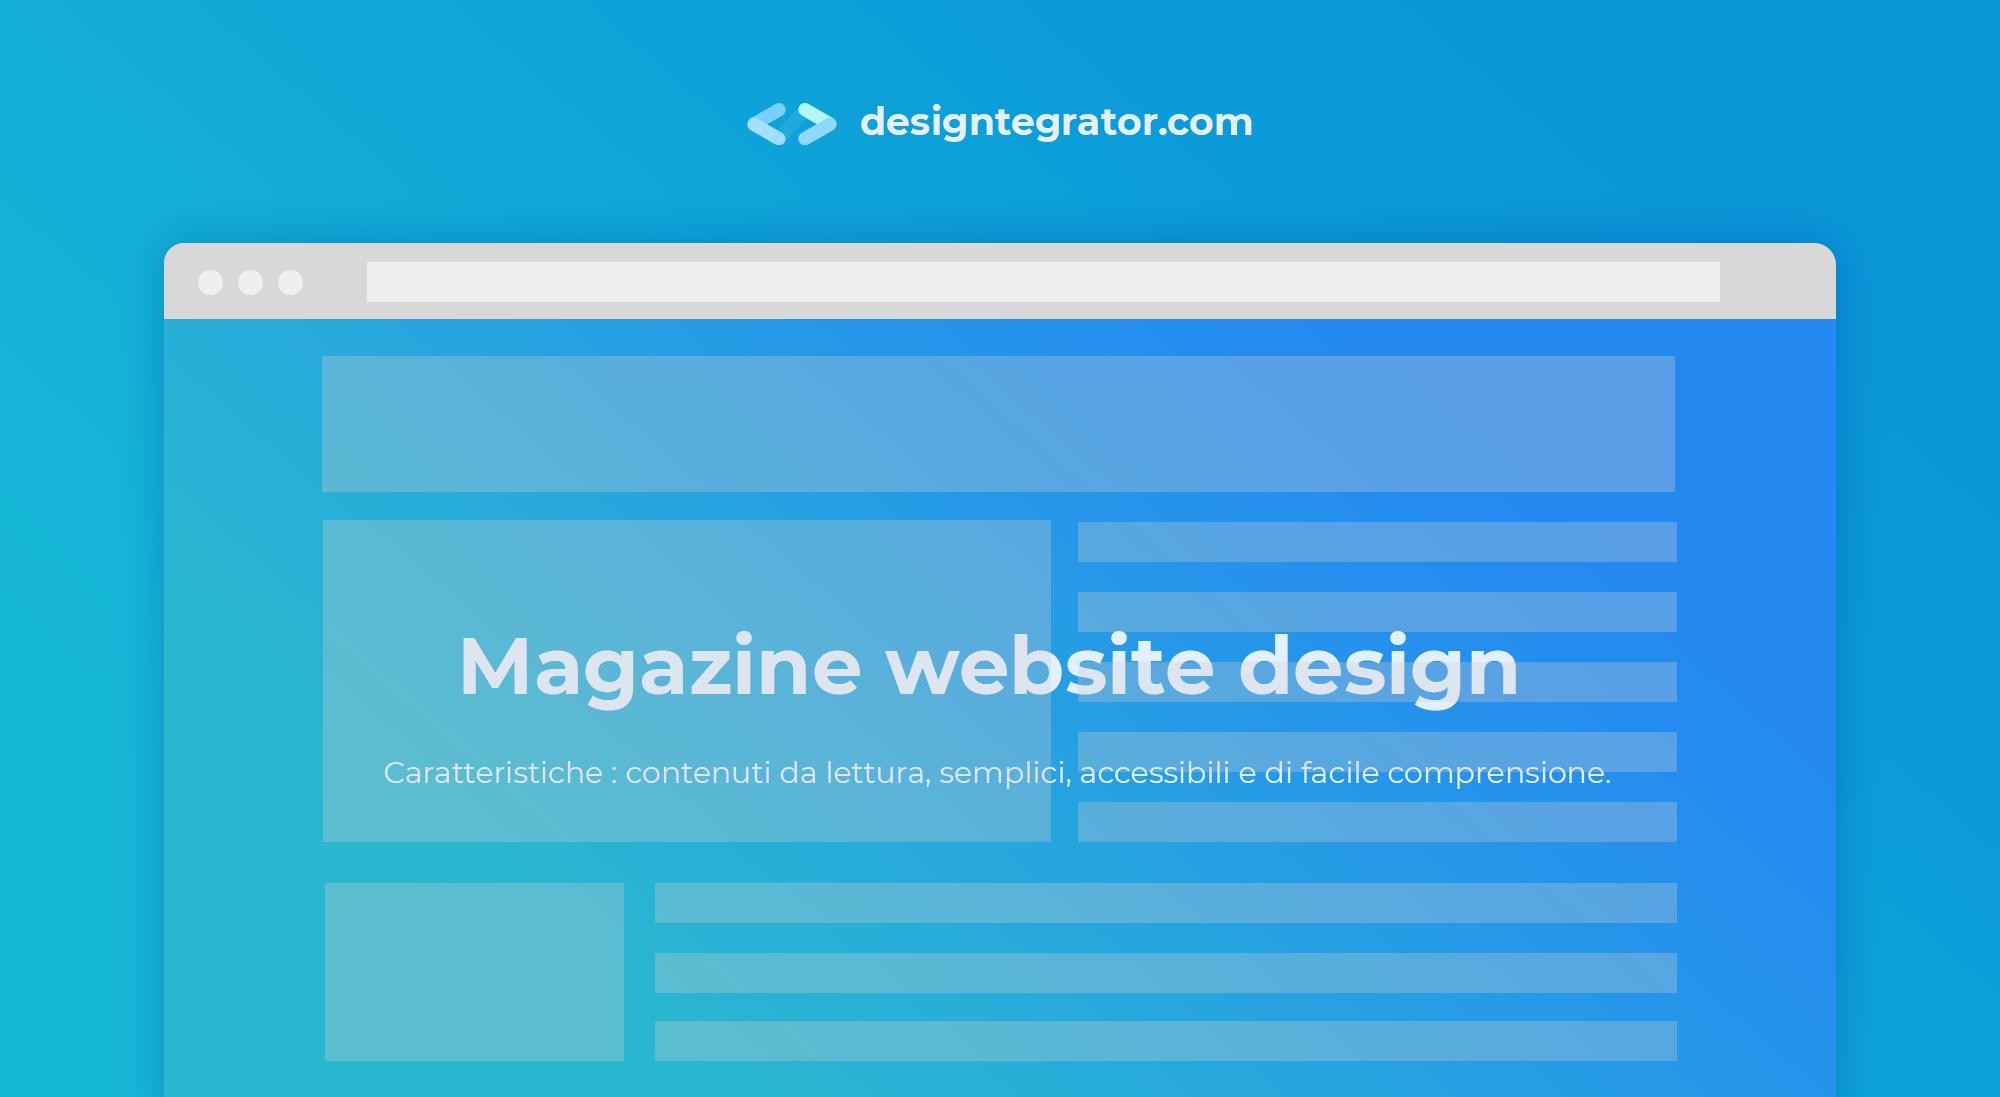 creare un sito web stile magazine